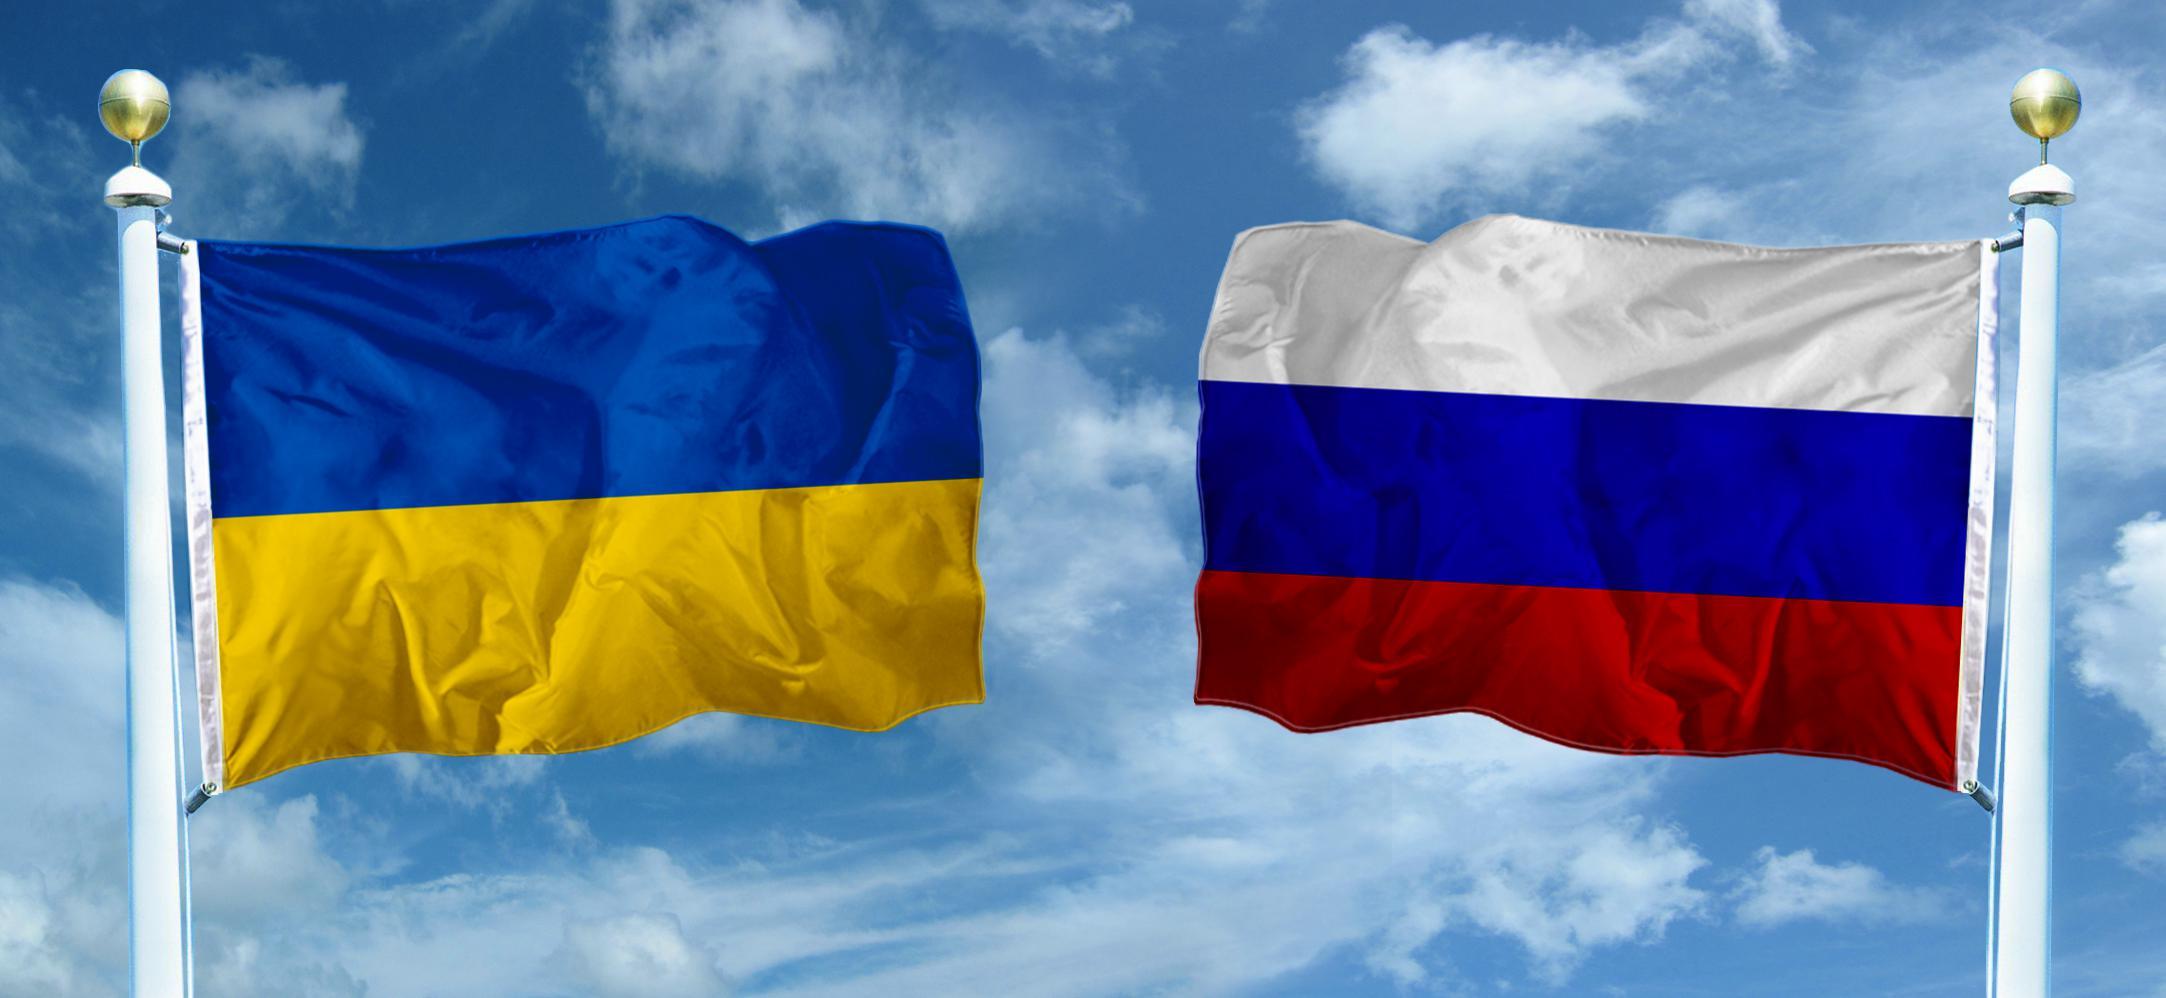 Украина ответила России на ее ультиматум по газу - такого удара в Москве не ждали